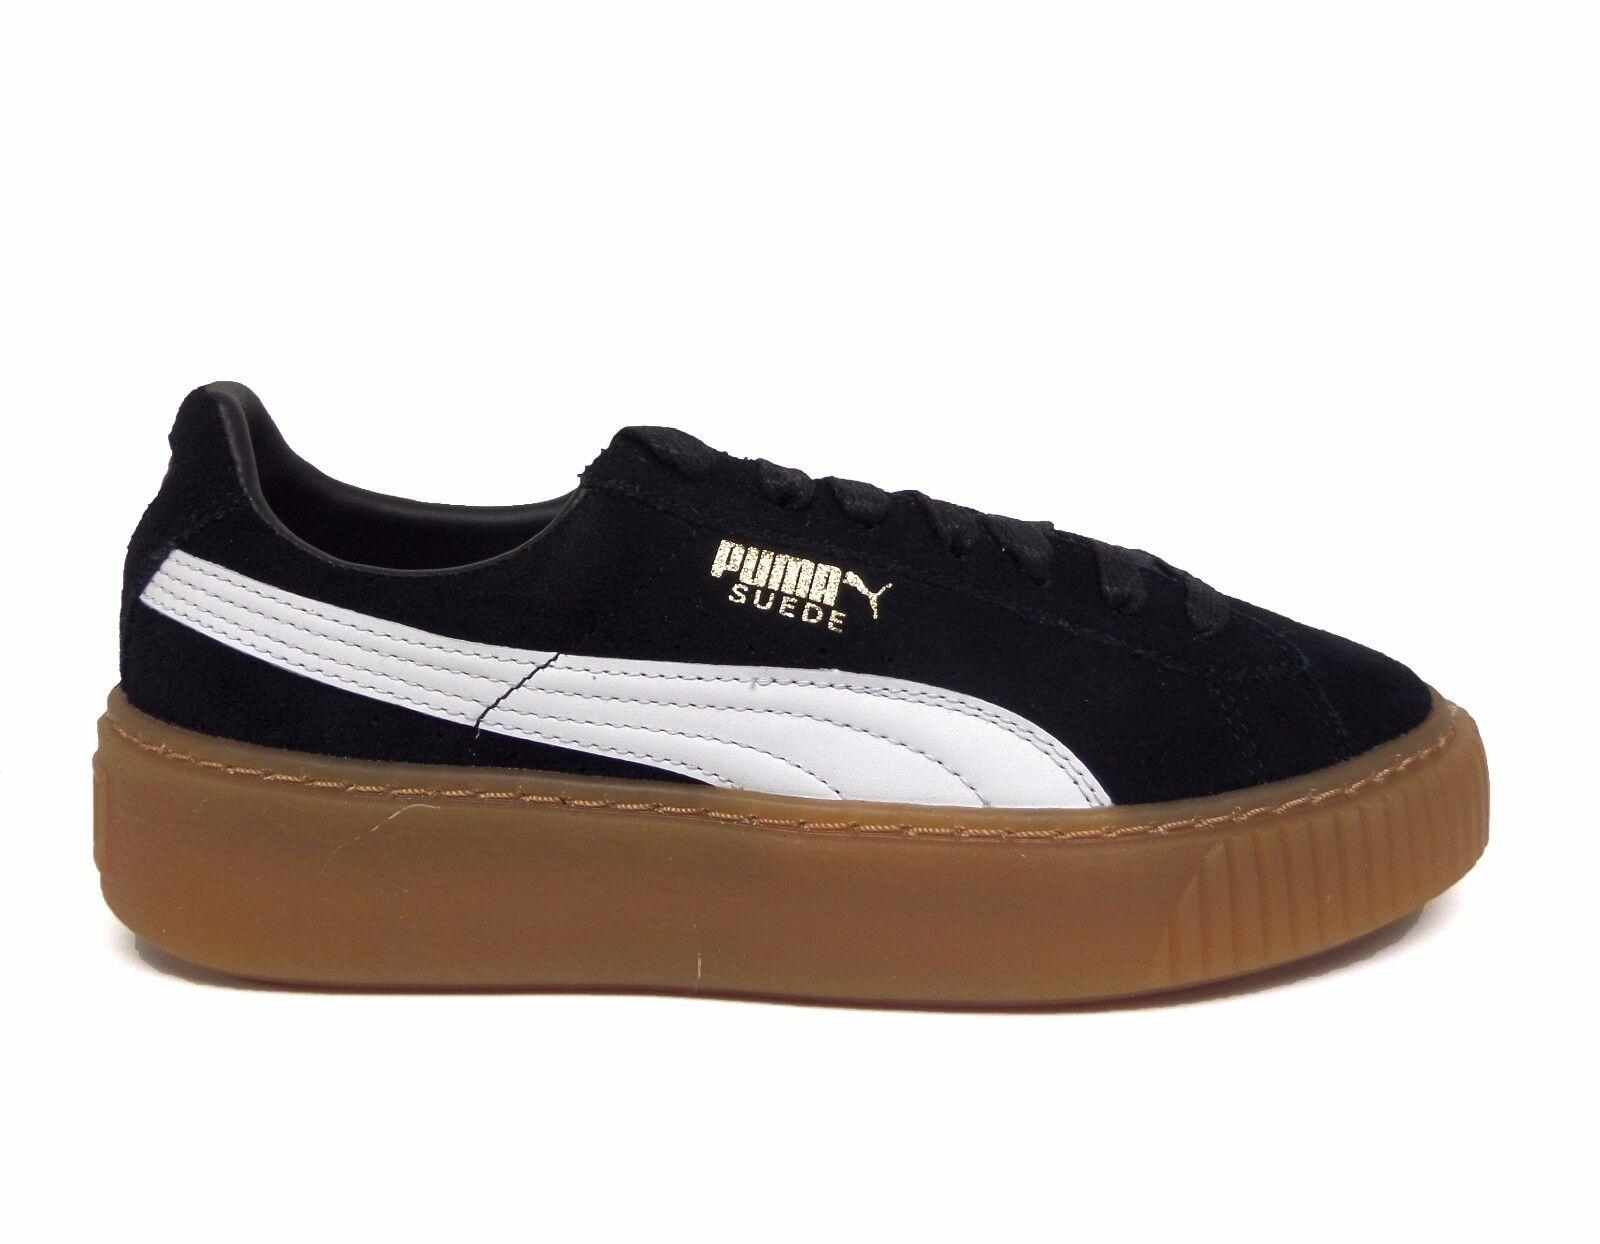 Puma Women's SUEDE PLATFORM CORE Shoes Puma Black/Puma White 363559-02 b